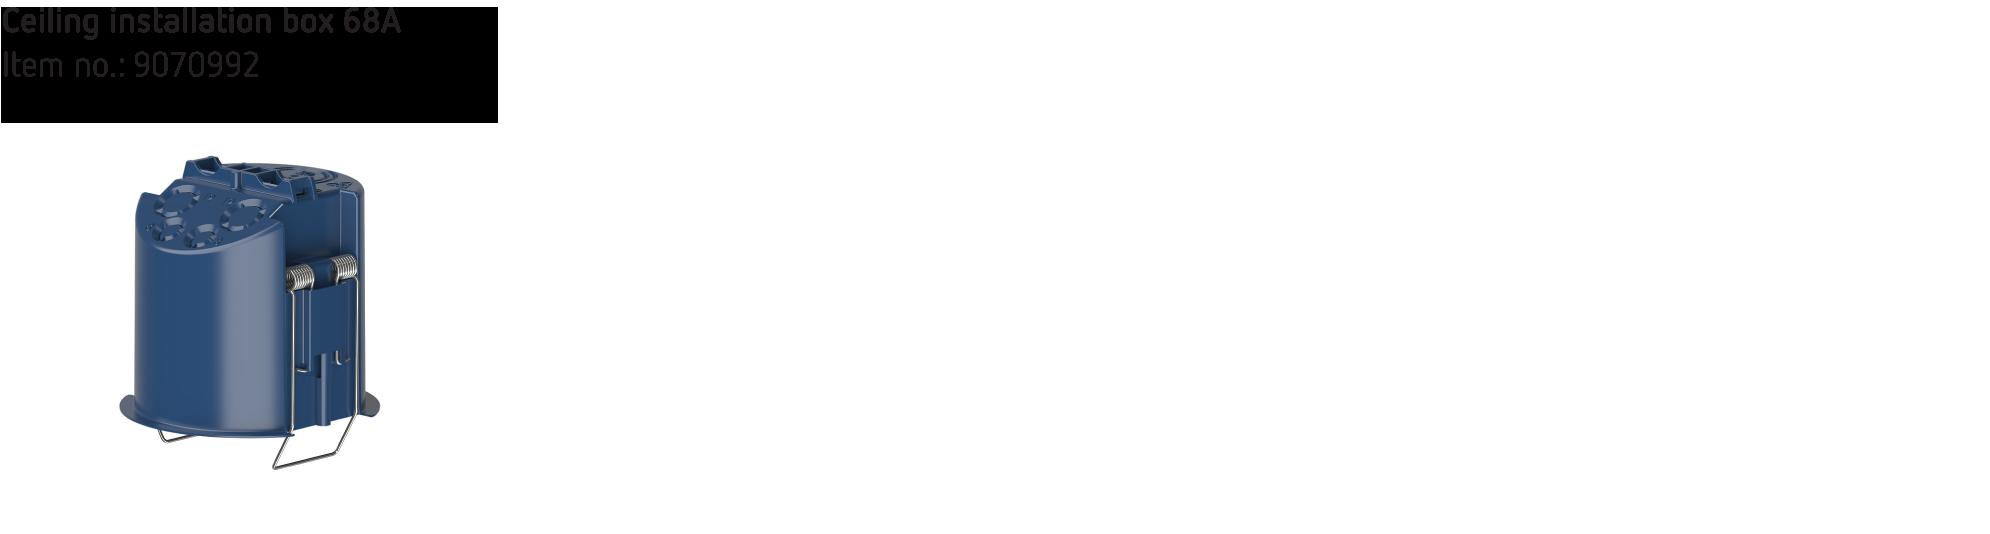 theRonda P360-100 M UP WH